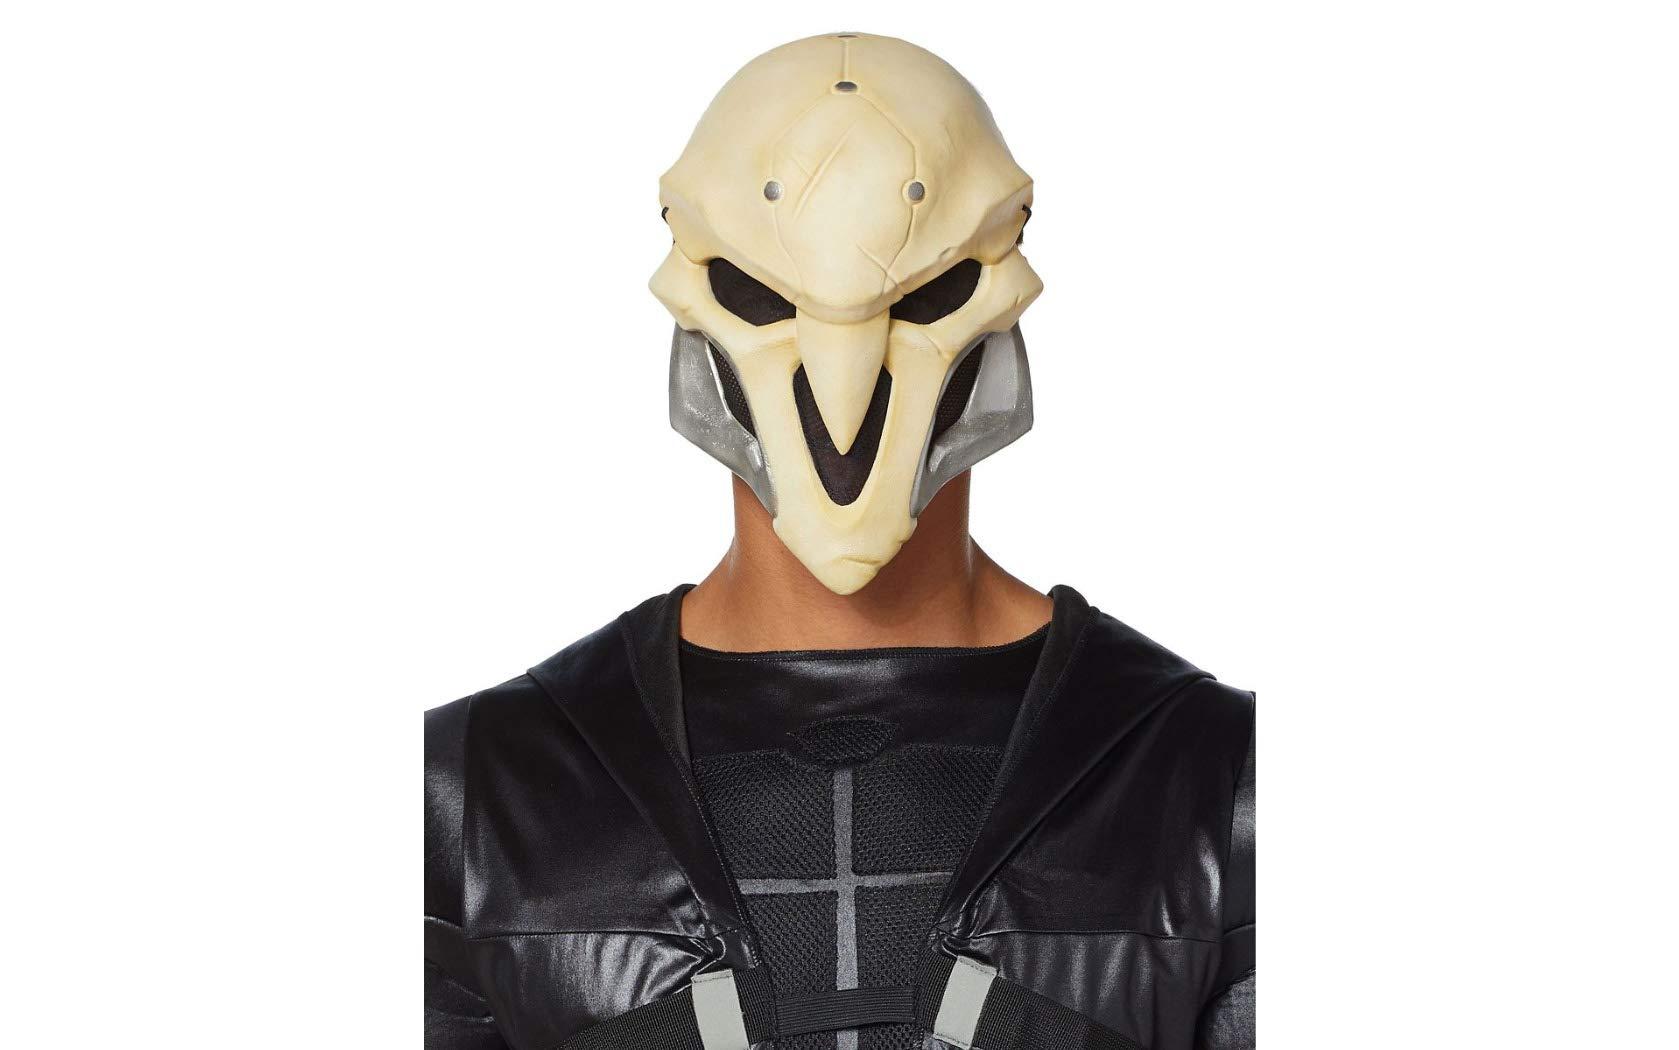 Overwatch Reaper Deluxe Foam Mask White